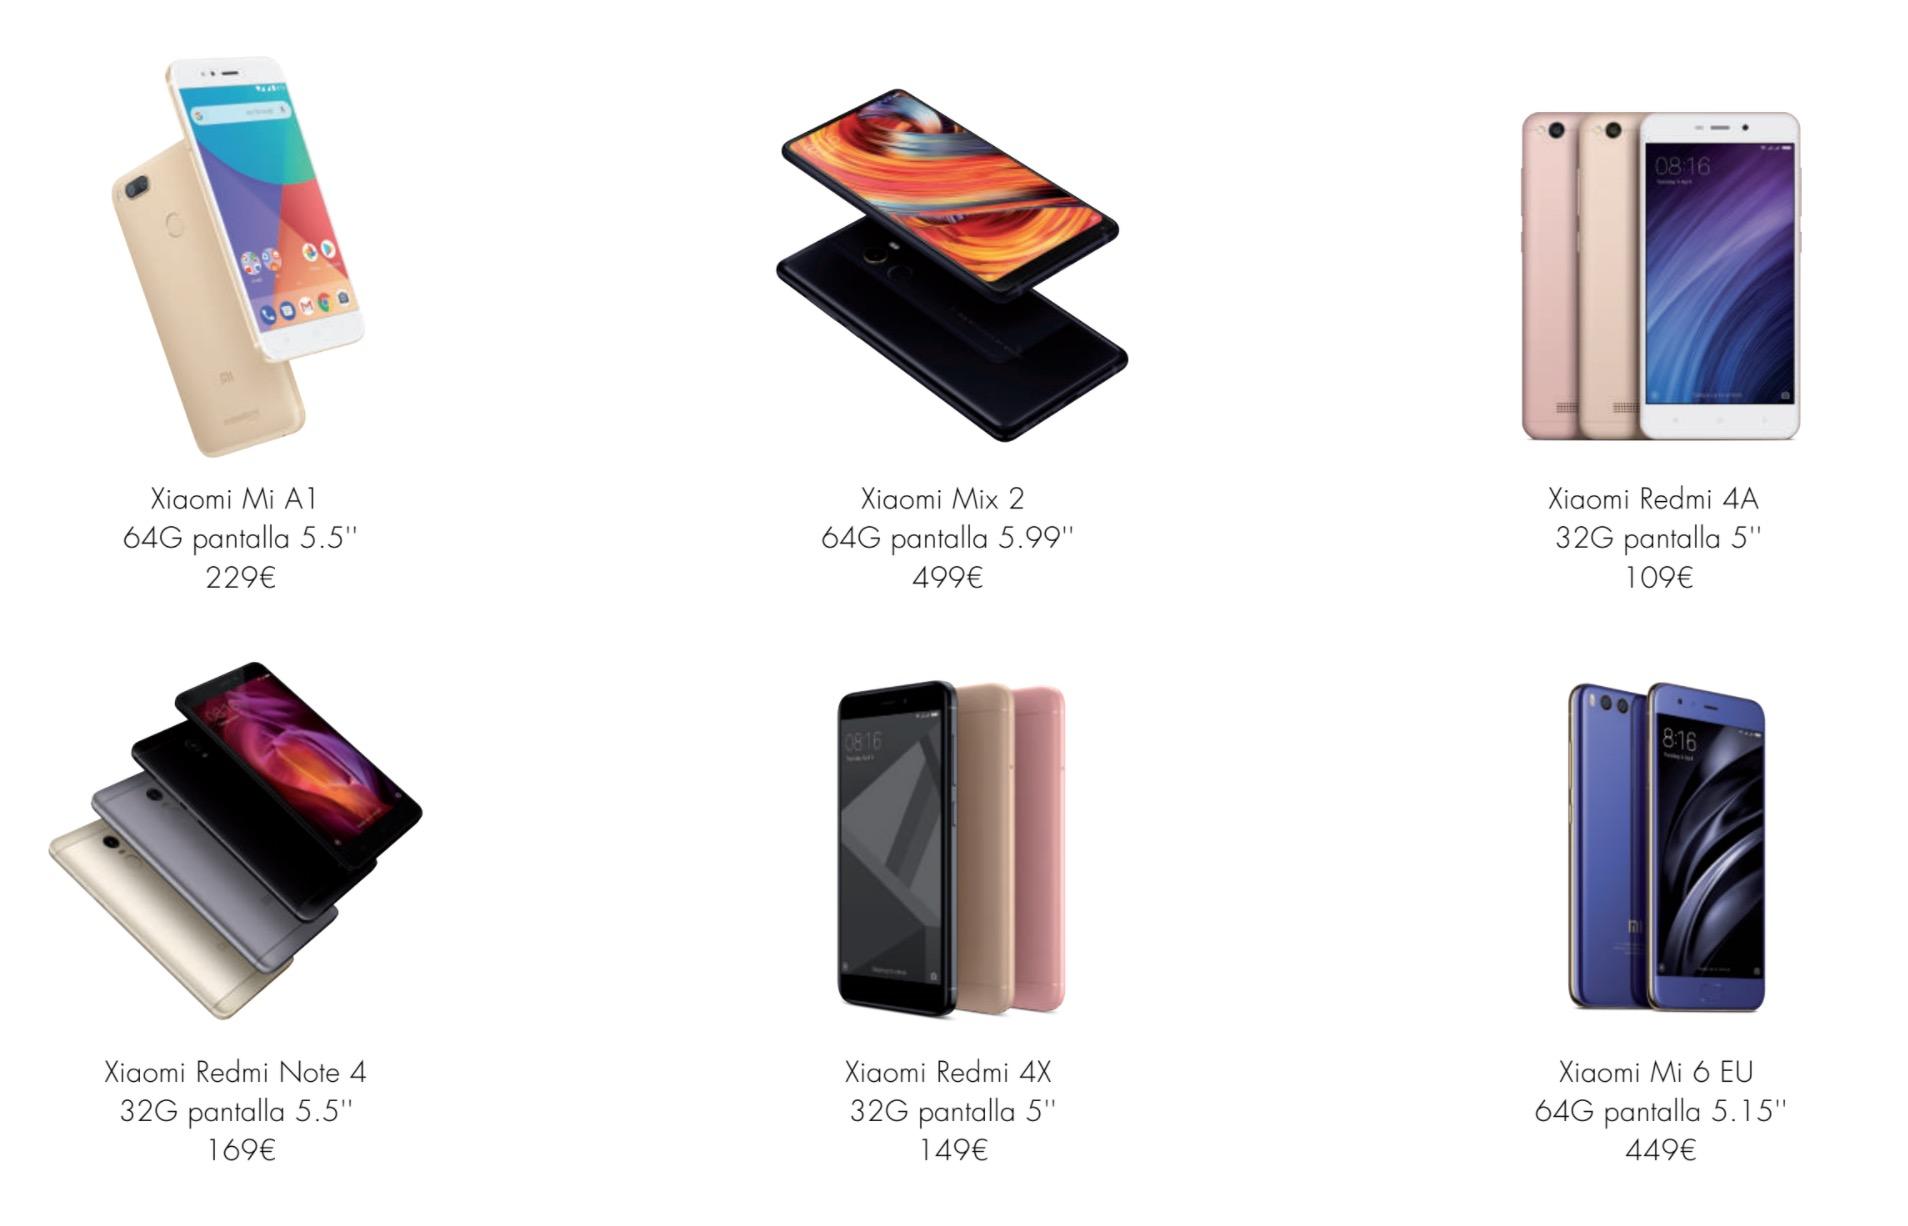 Ahora puedes comprar los productos de Xiaomi en Amazon